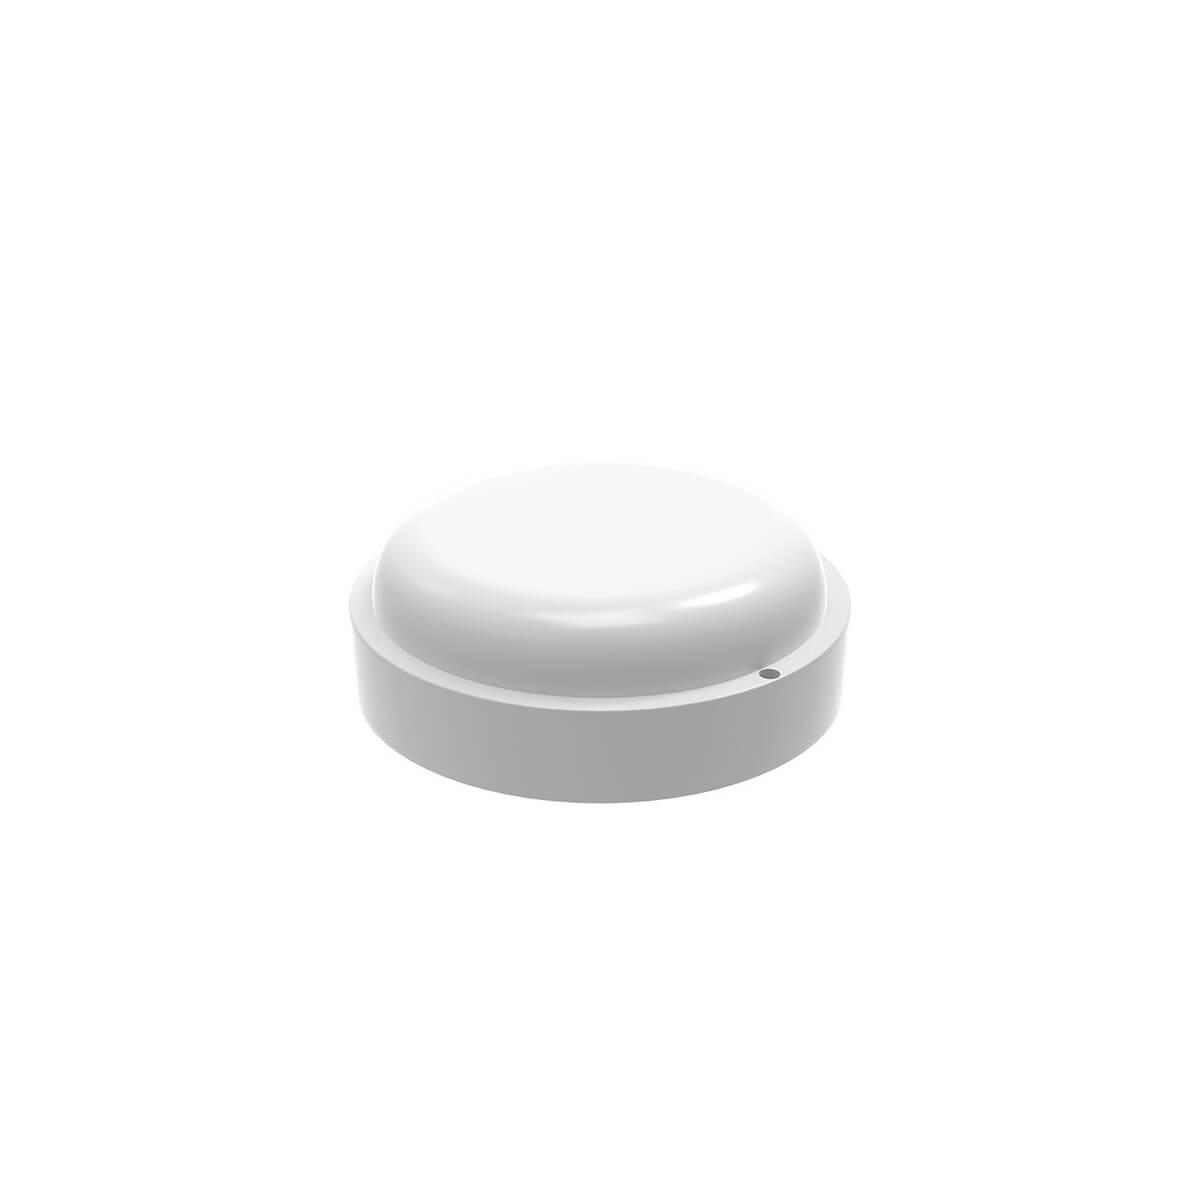 лучшая цена Уличный светодиодный светильник Gauss 126411212-S